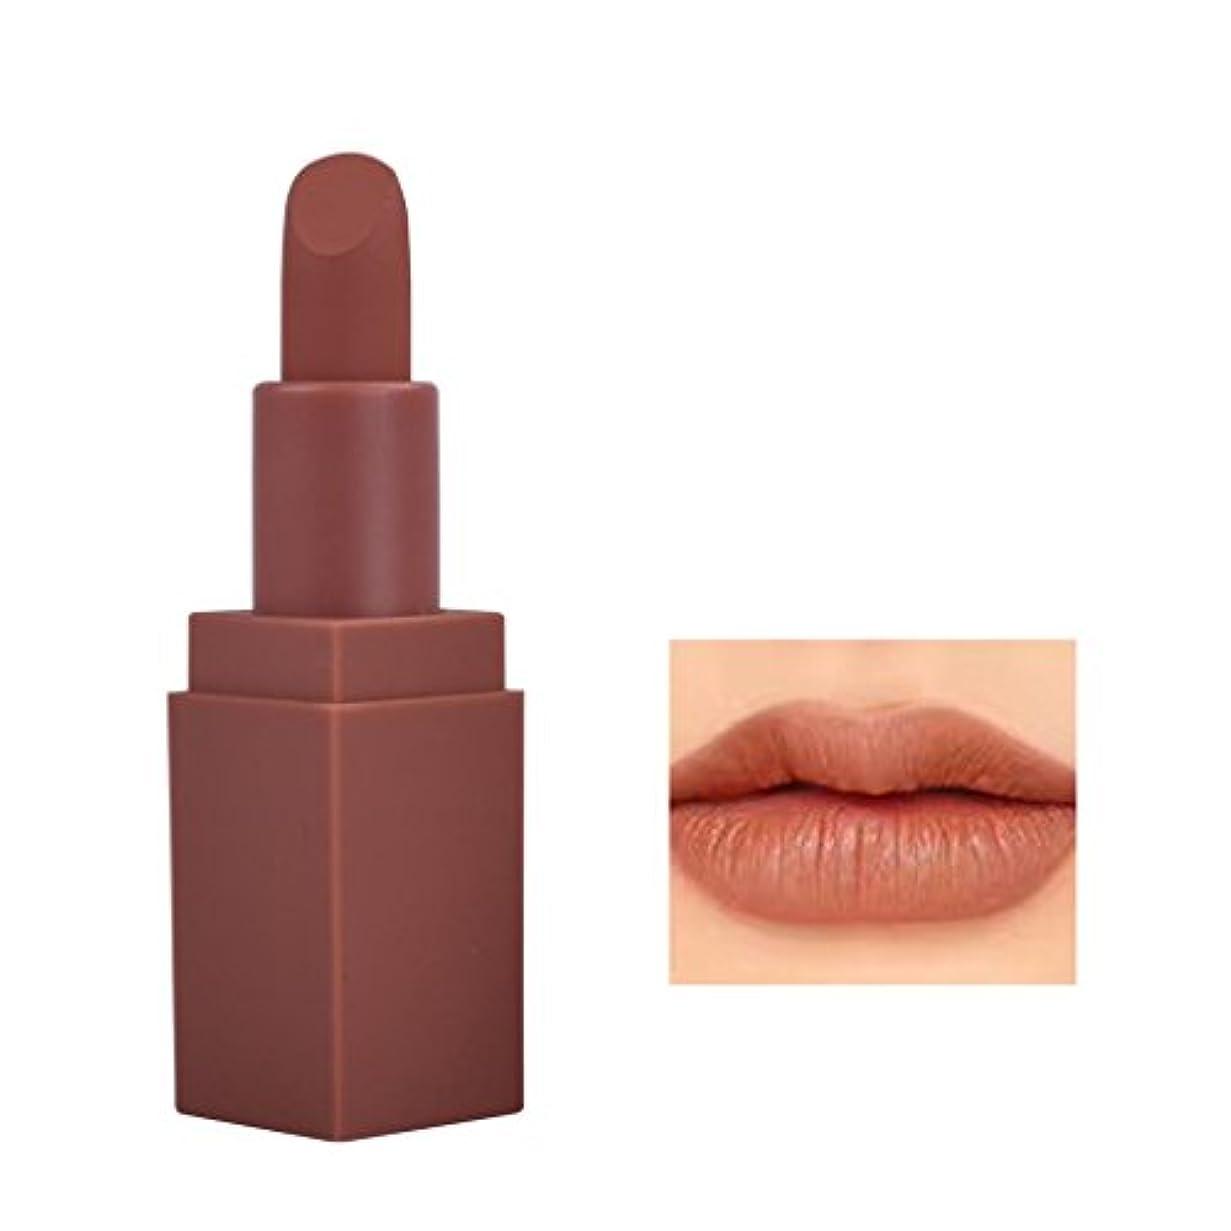 相談するソーダ水非アクティブCUTICATE 長続きがする保湿のビロードの裸の口紅の無光沢の光沢の唇のcomestics - #3